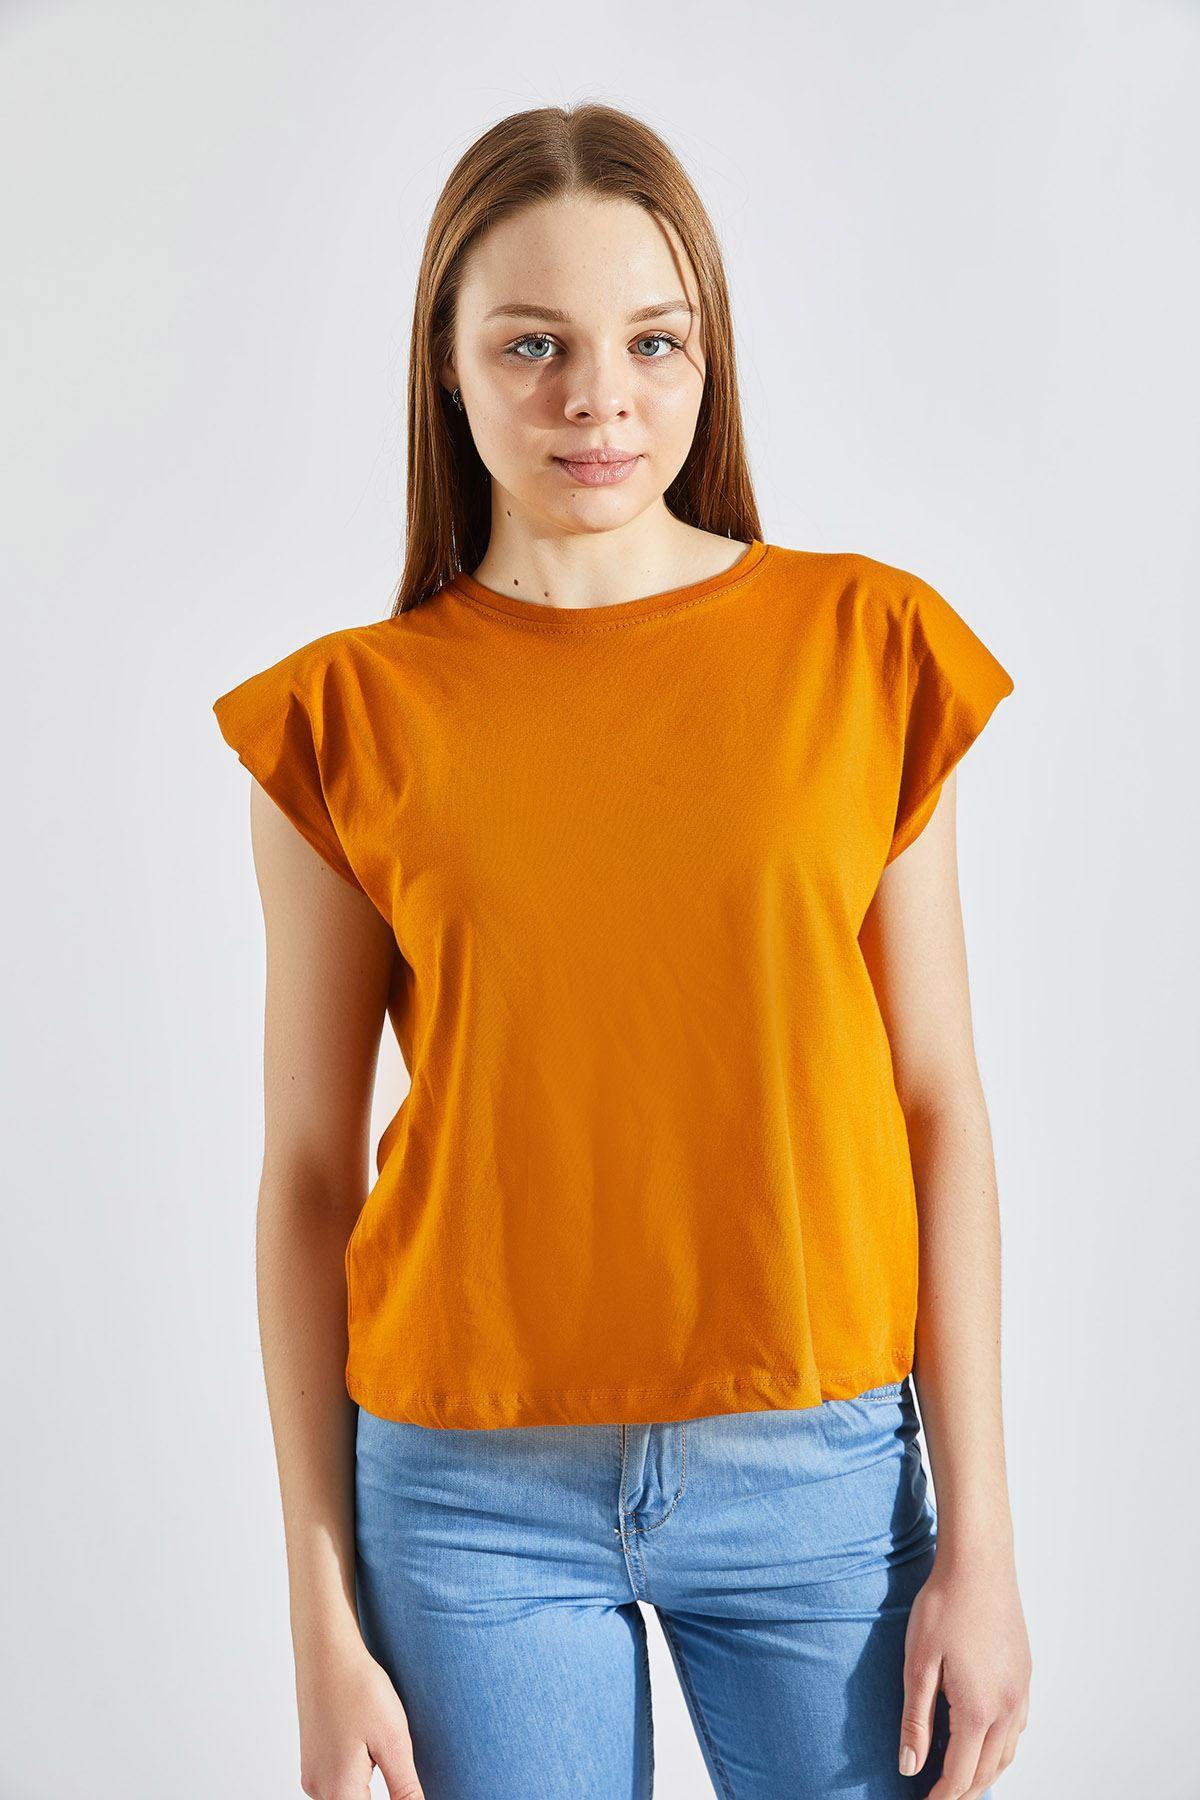 Kadın Vatkalı Turuncu Tişört